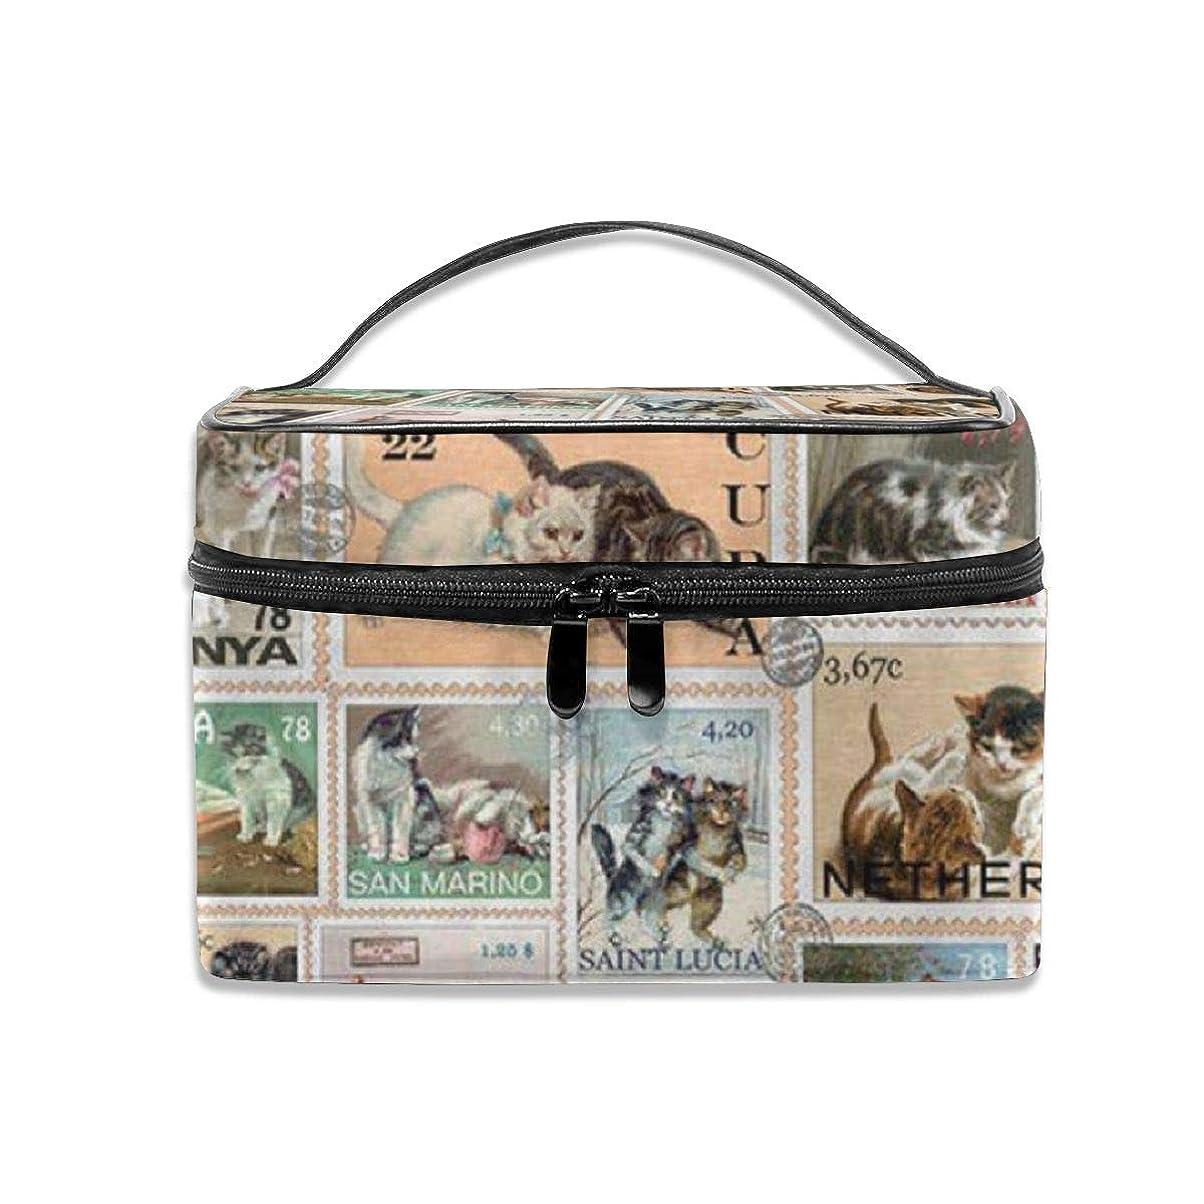 責めベスビオ山仲間猫柄 切手 綴りの図案 化粧ポーチ 化粧品バッグ 化粧品収納バッグ 収納バッグ 防水ウォッシュバッグ ポータブル 持ち運び便利 大容量 軽量 ユニセックス 旅行する